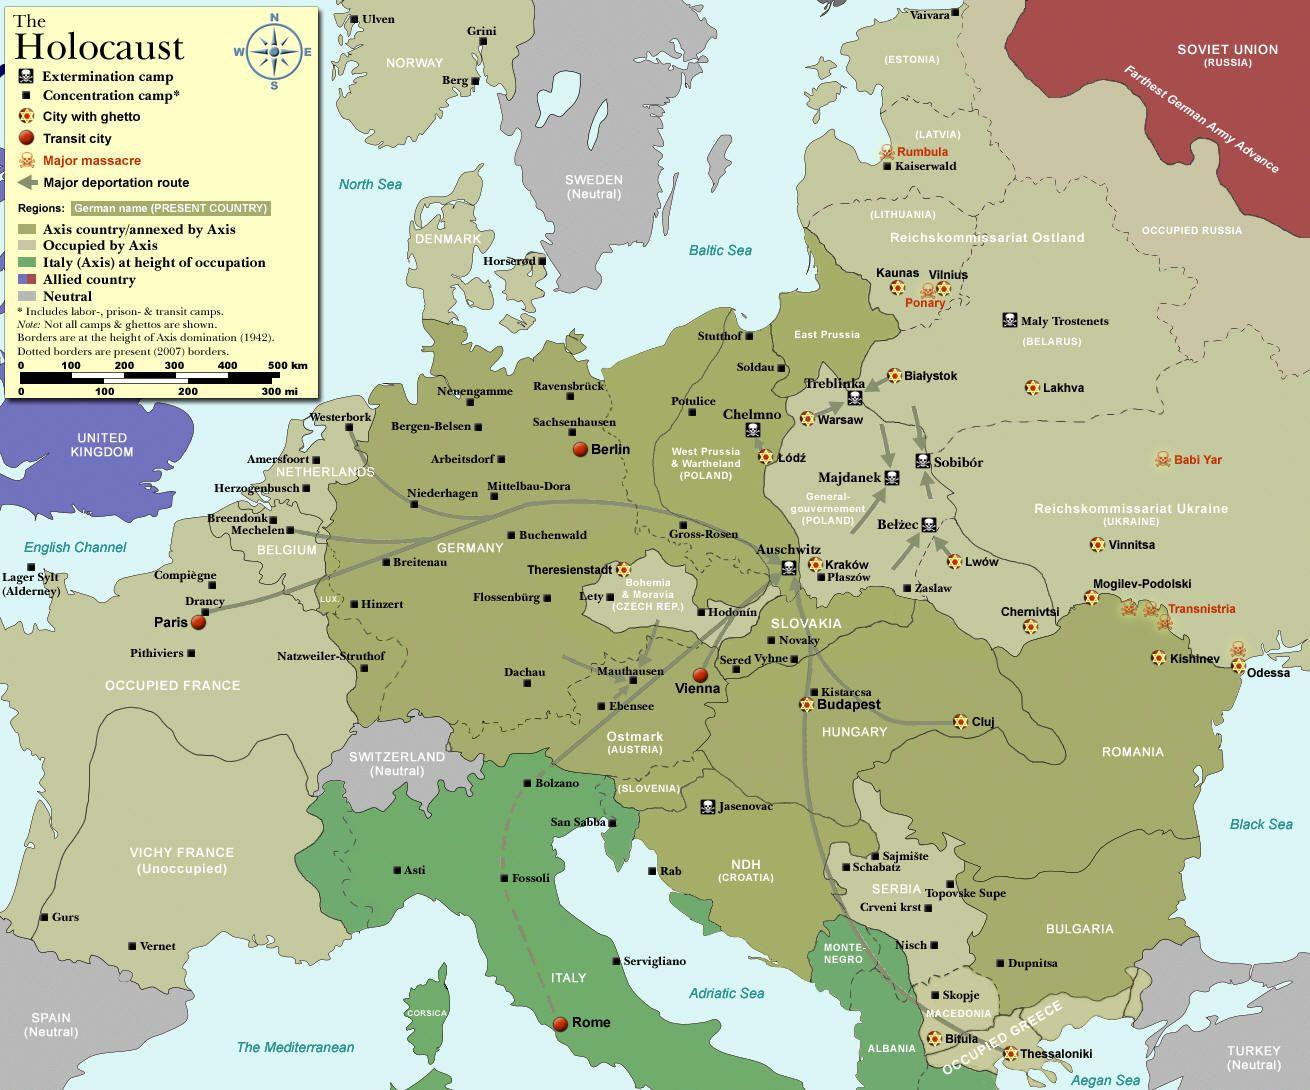 Mapa de los campos de concentración y exterminio ...